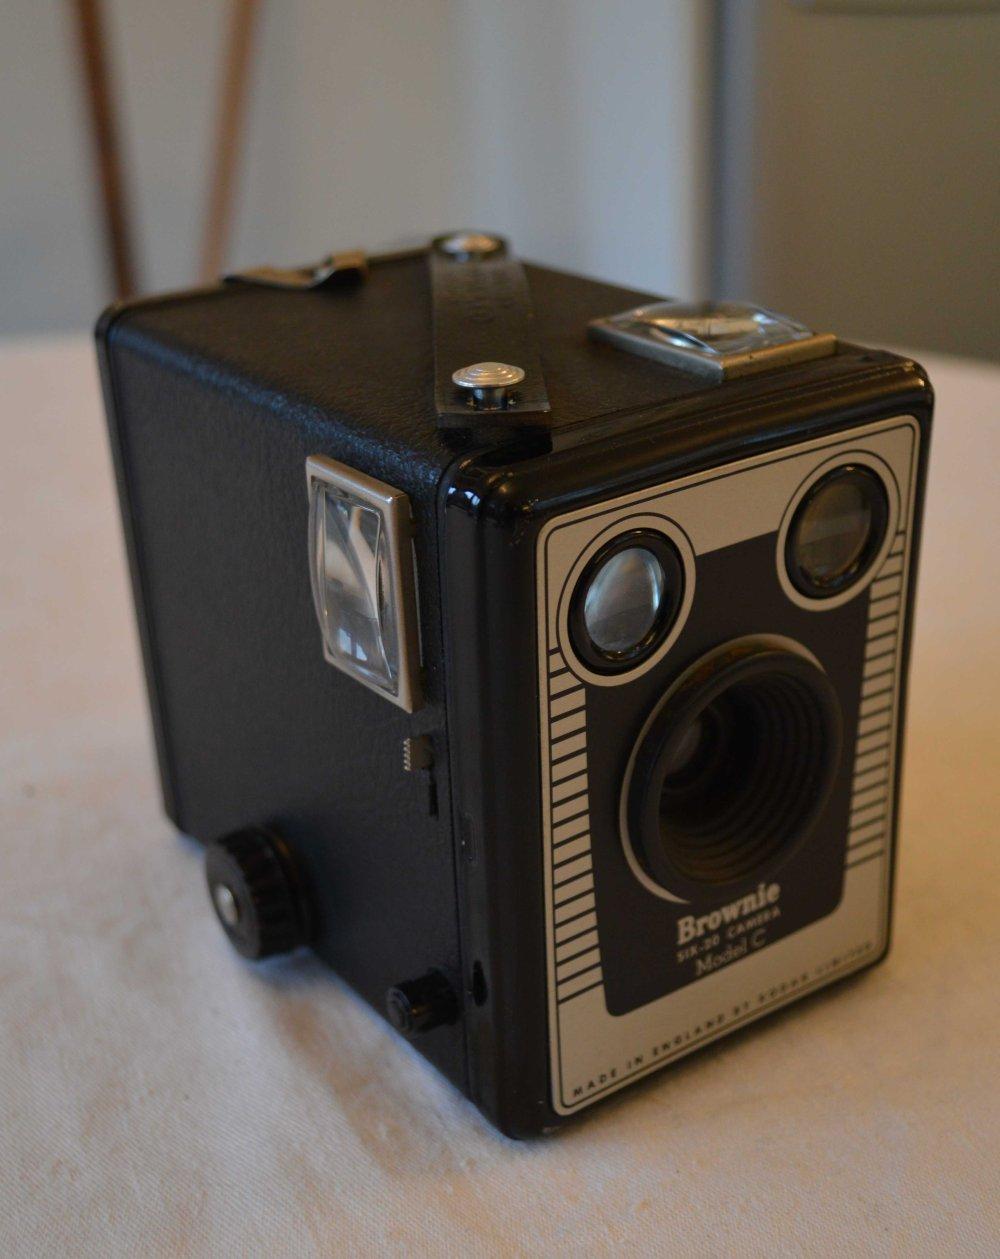 Brownie Model C